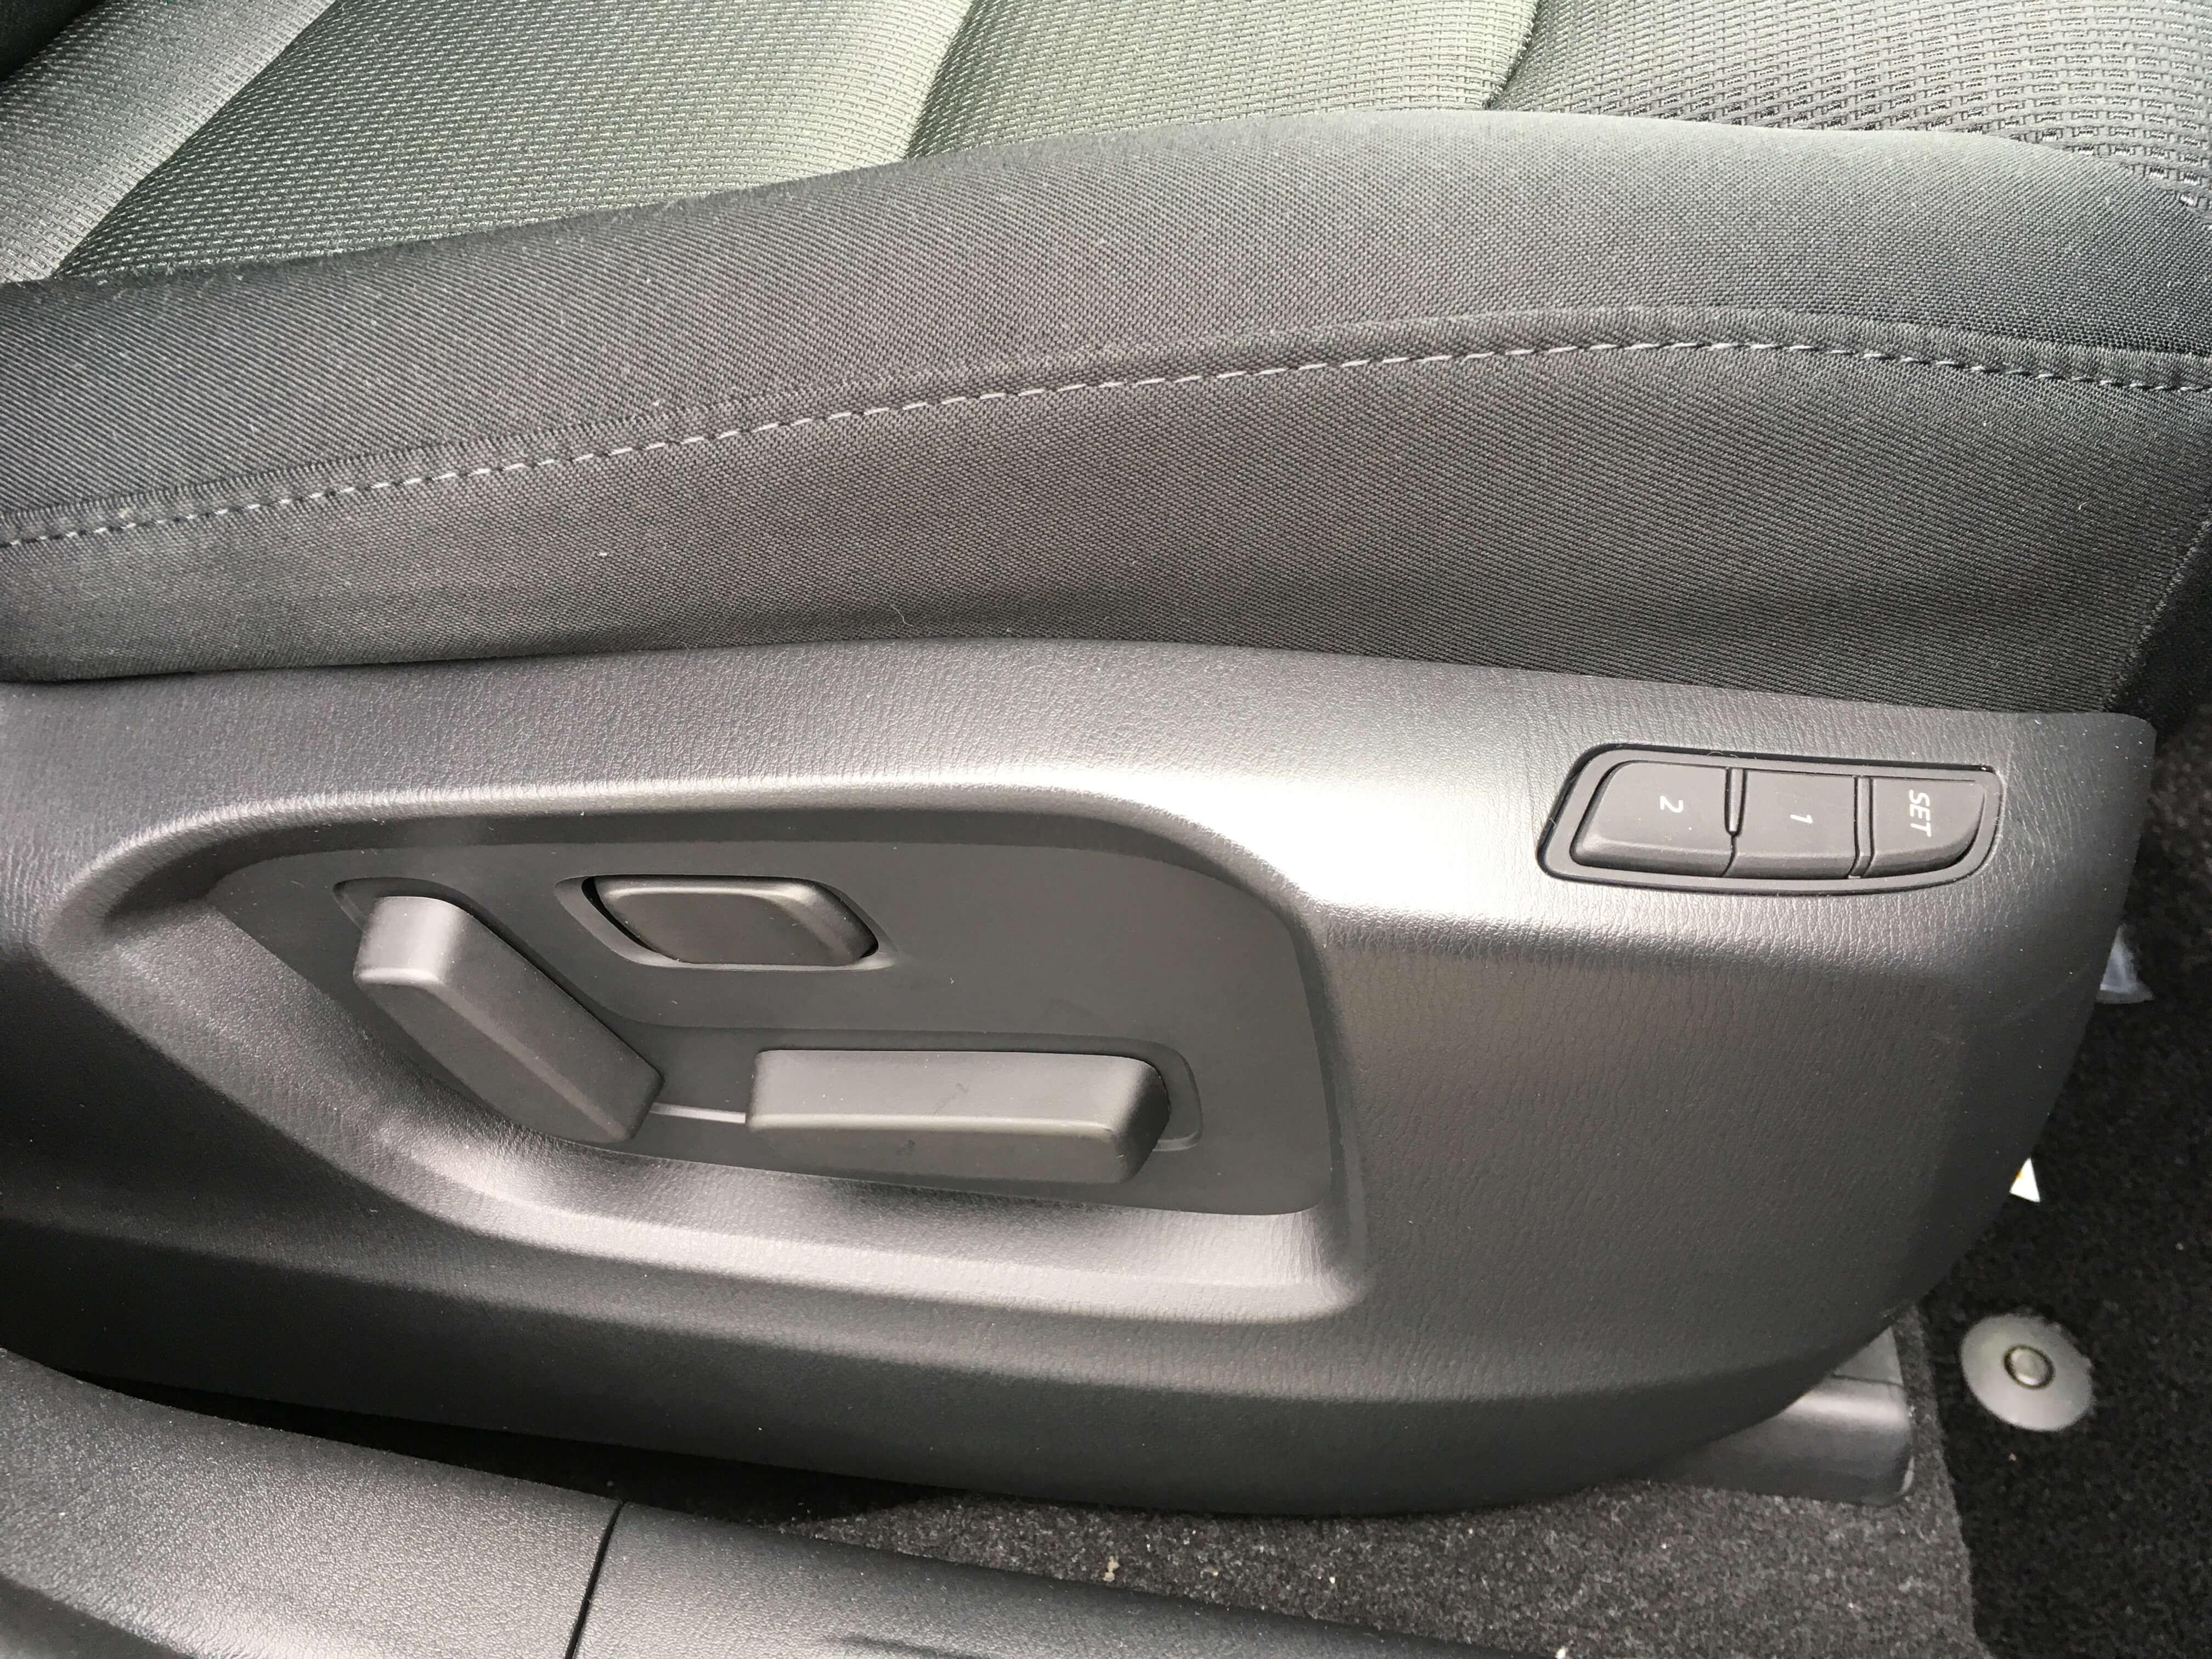 CX-5納車後レビュー#1 ドライビング・ポジション・サポート・パッケージの使い方を徹底解説!